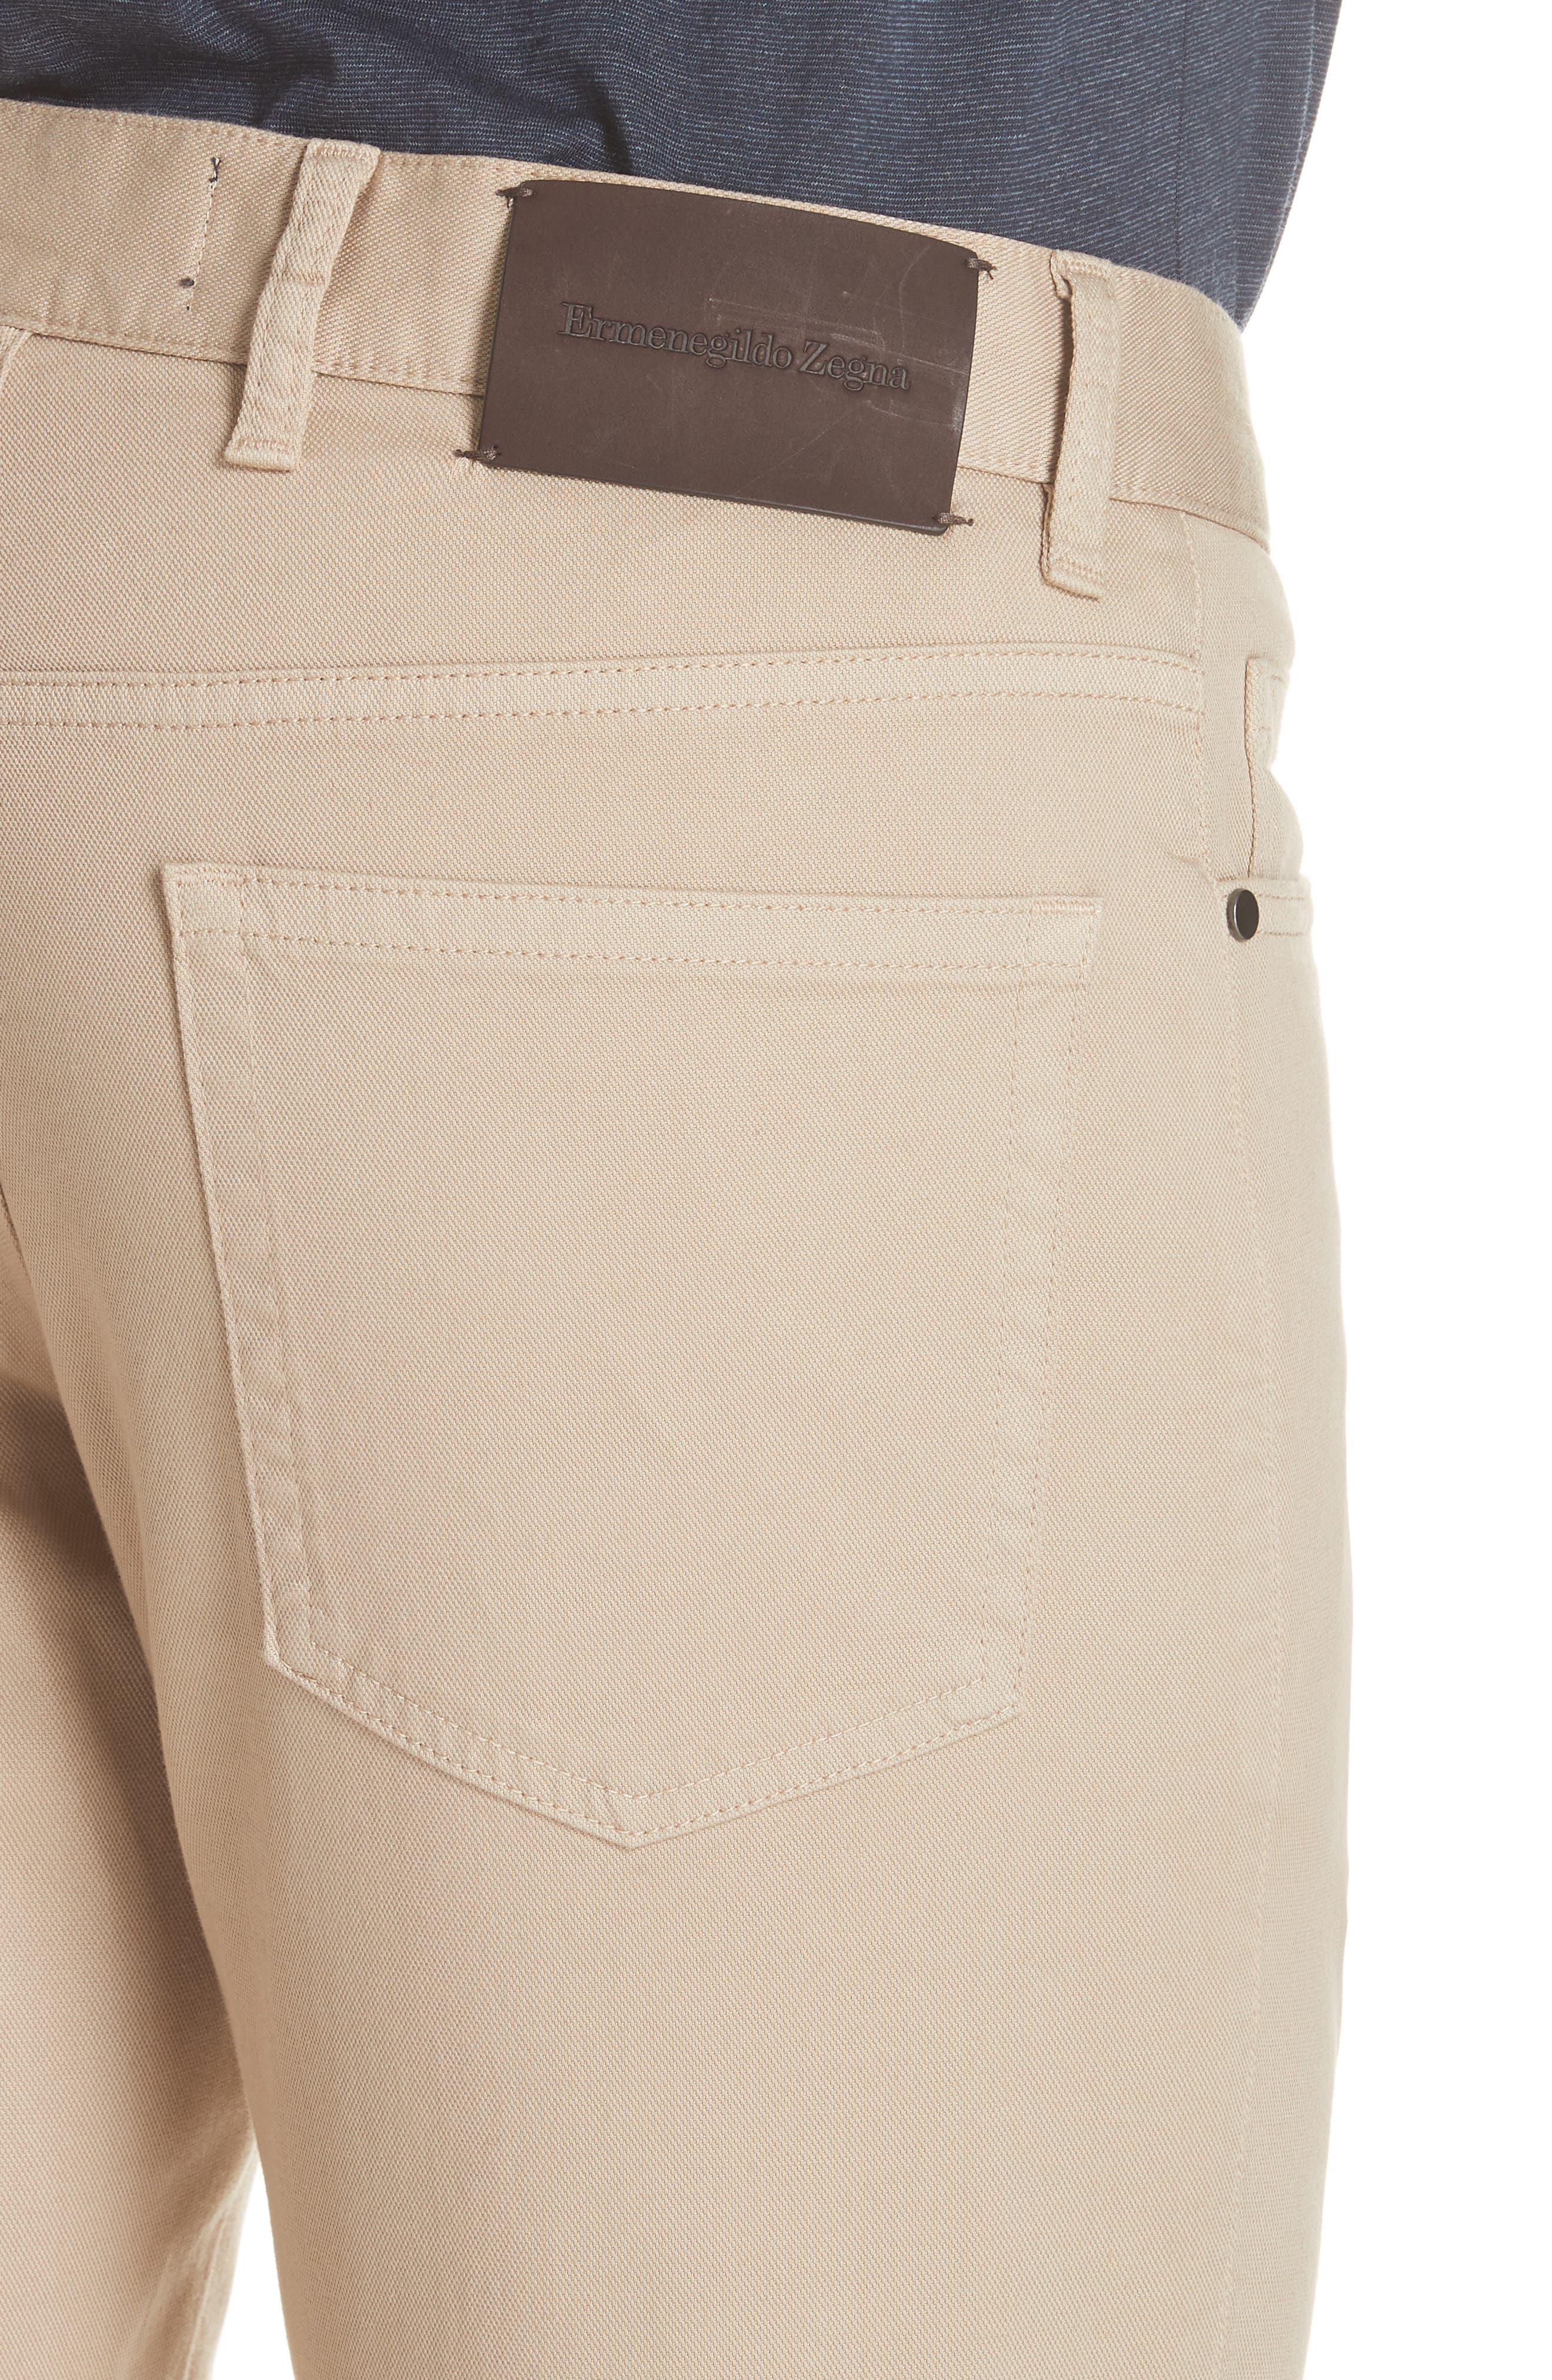 Stretch Cotton Five Pocket Pants,                             Alternate thumbnail 4, color,                             LIGHT BEIGE